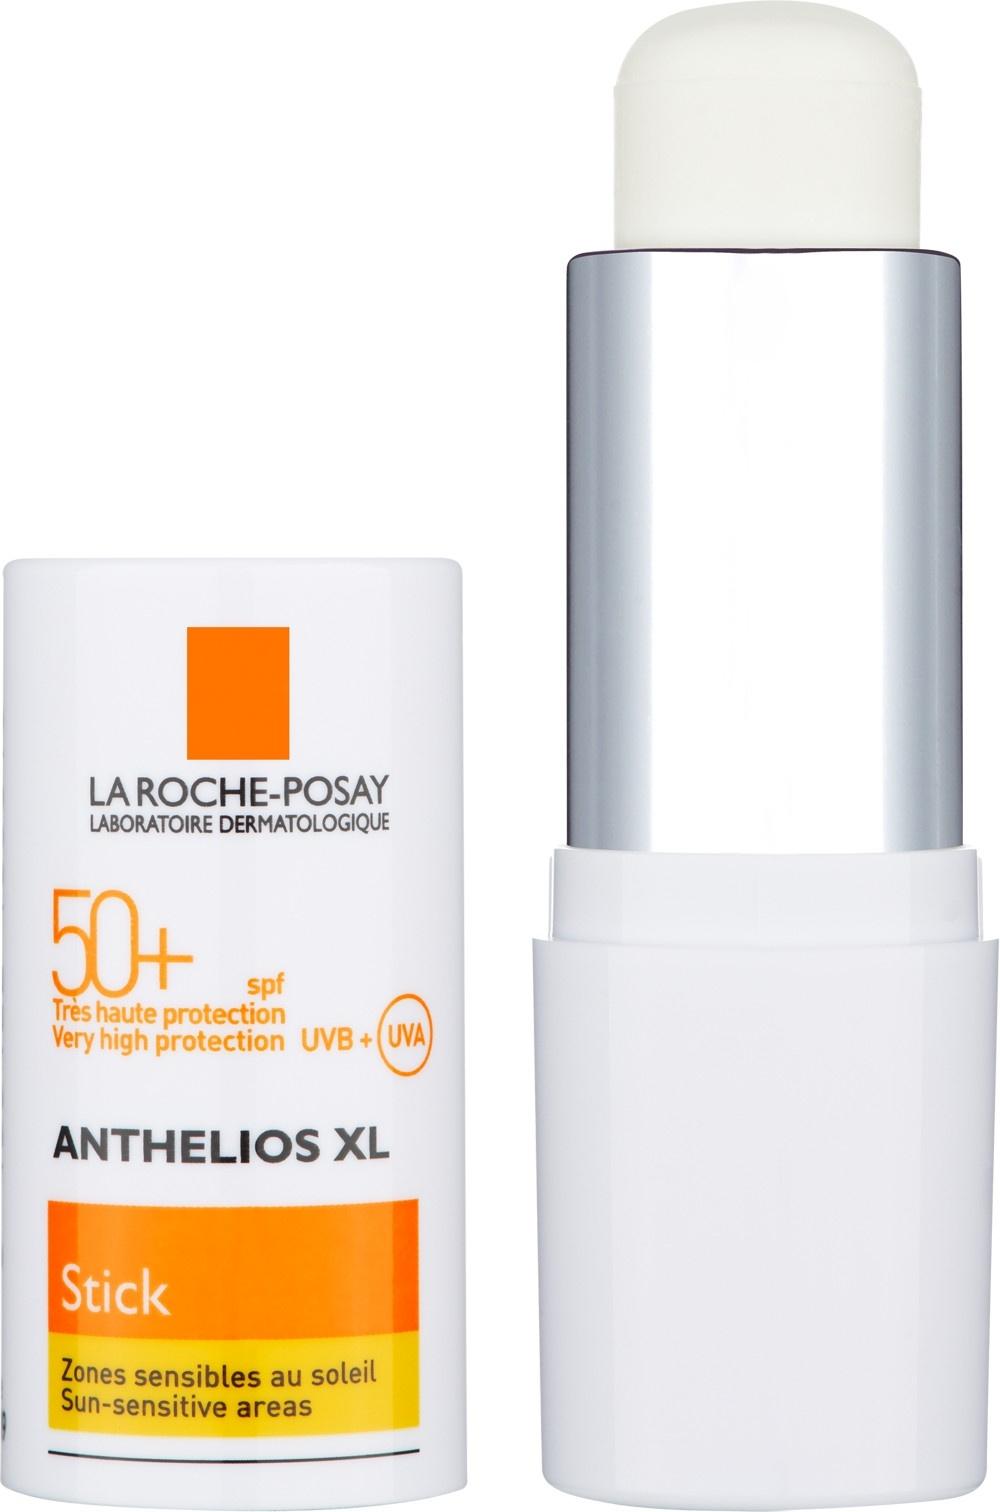 La Roche-Posay Anthelios XL Stick SPF50+, 9g